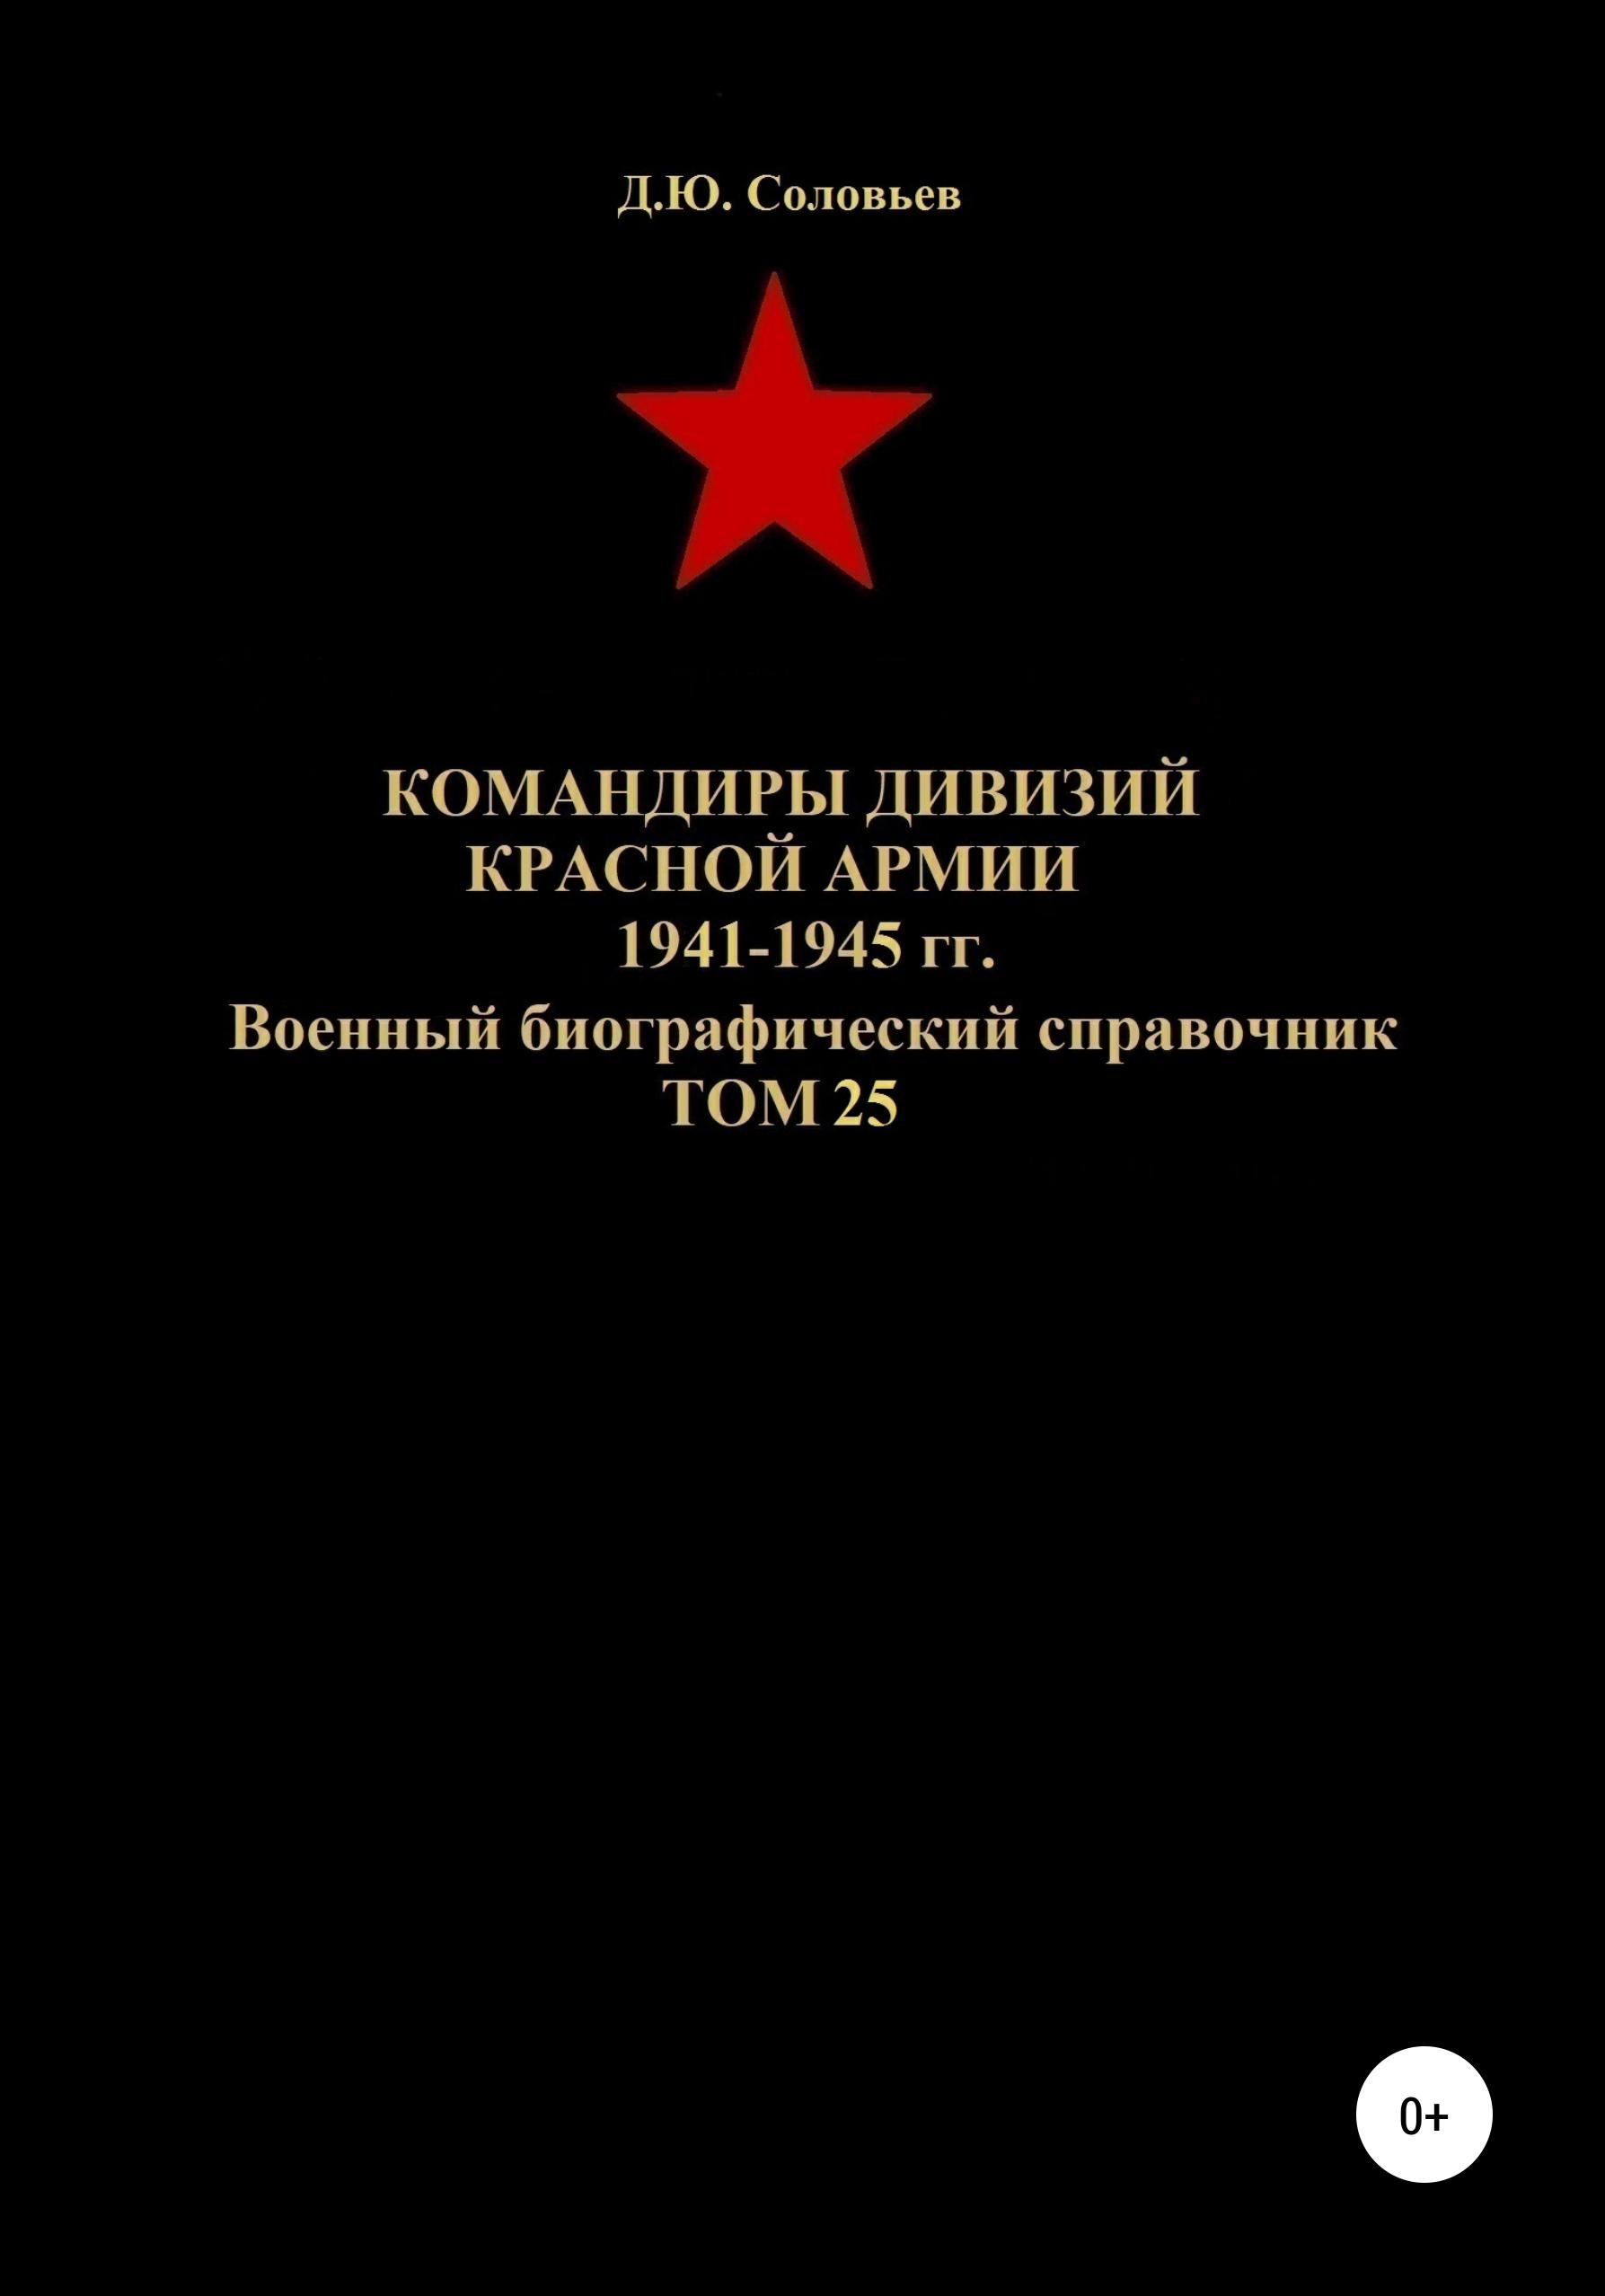 Командиры дивизий Красной Армии 1941-1945 гг. Том 25